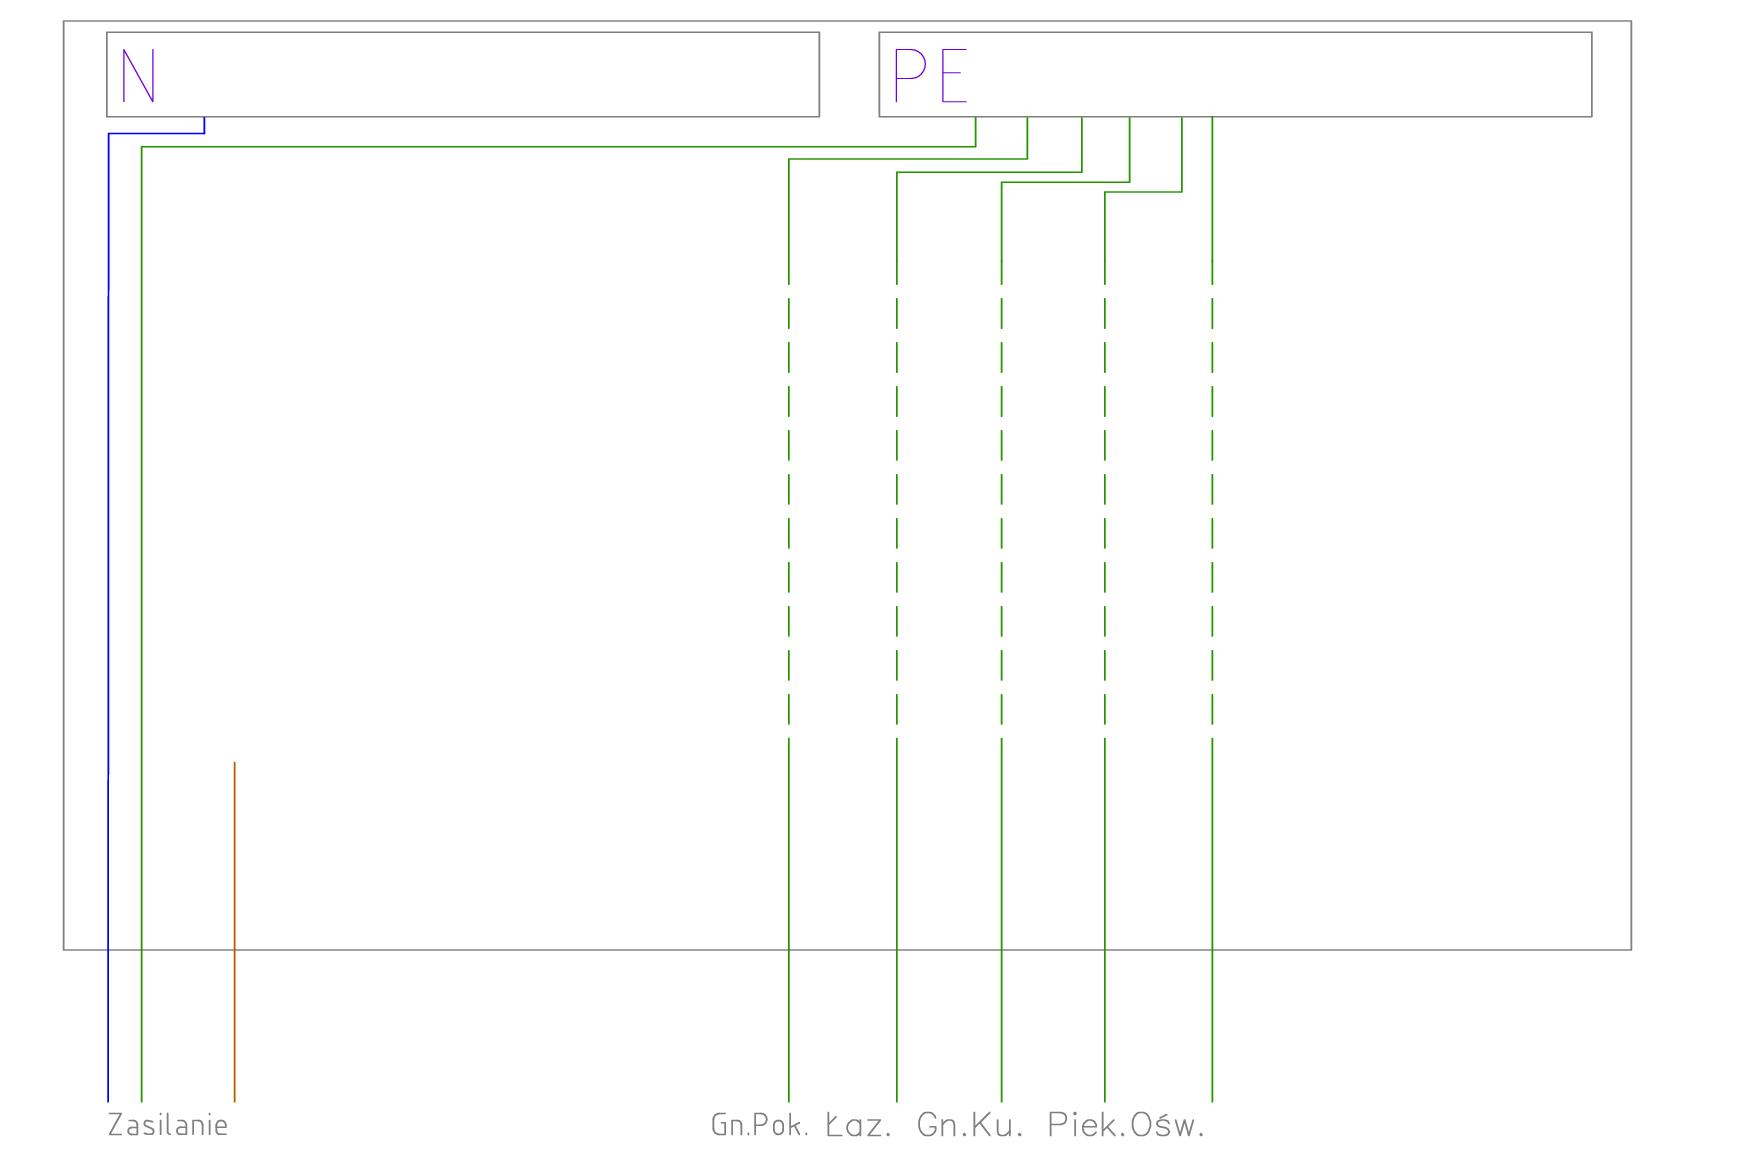 Domowa Rozdzielnica Finał Cz1 Elektrykadlakażdegopl